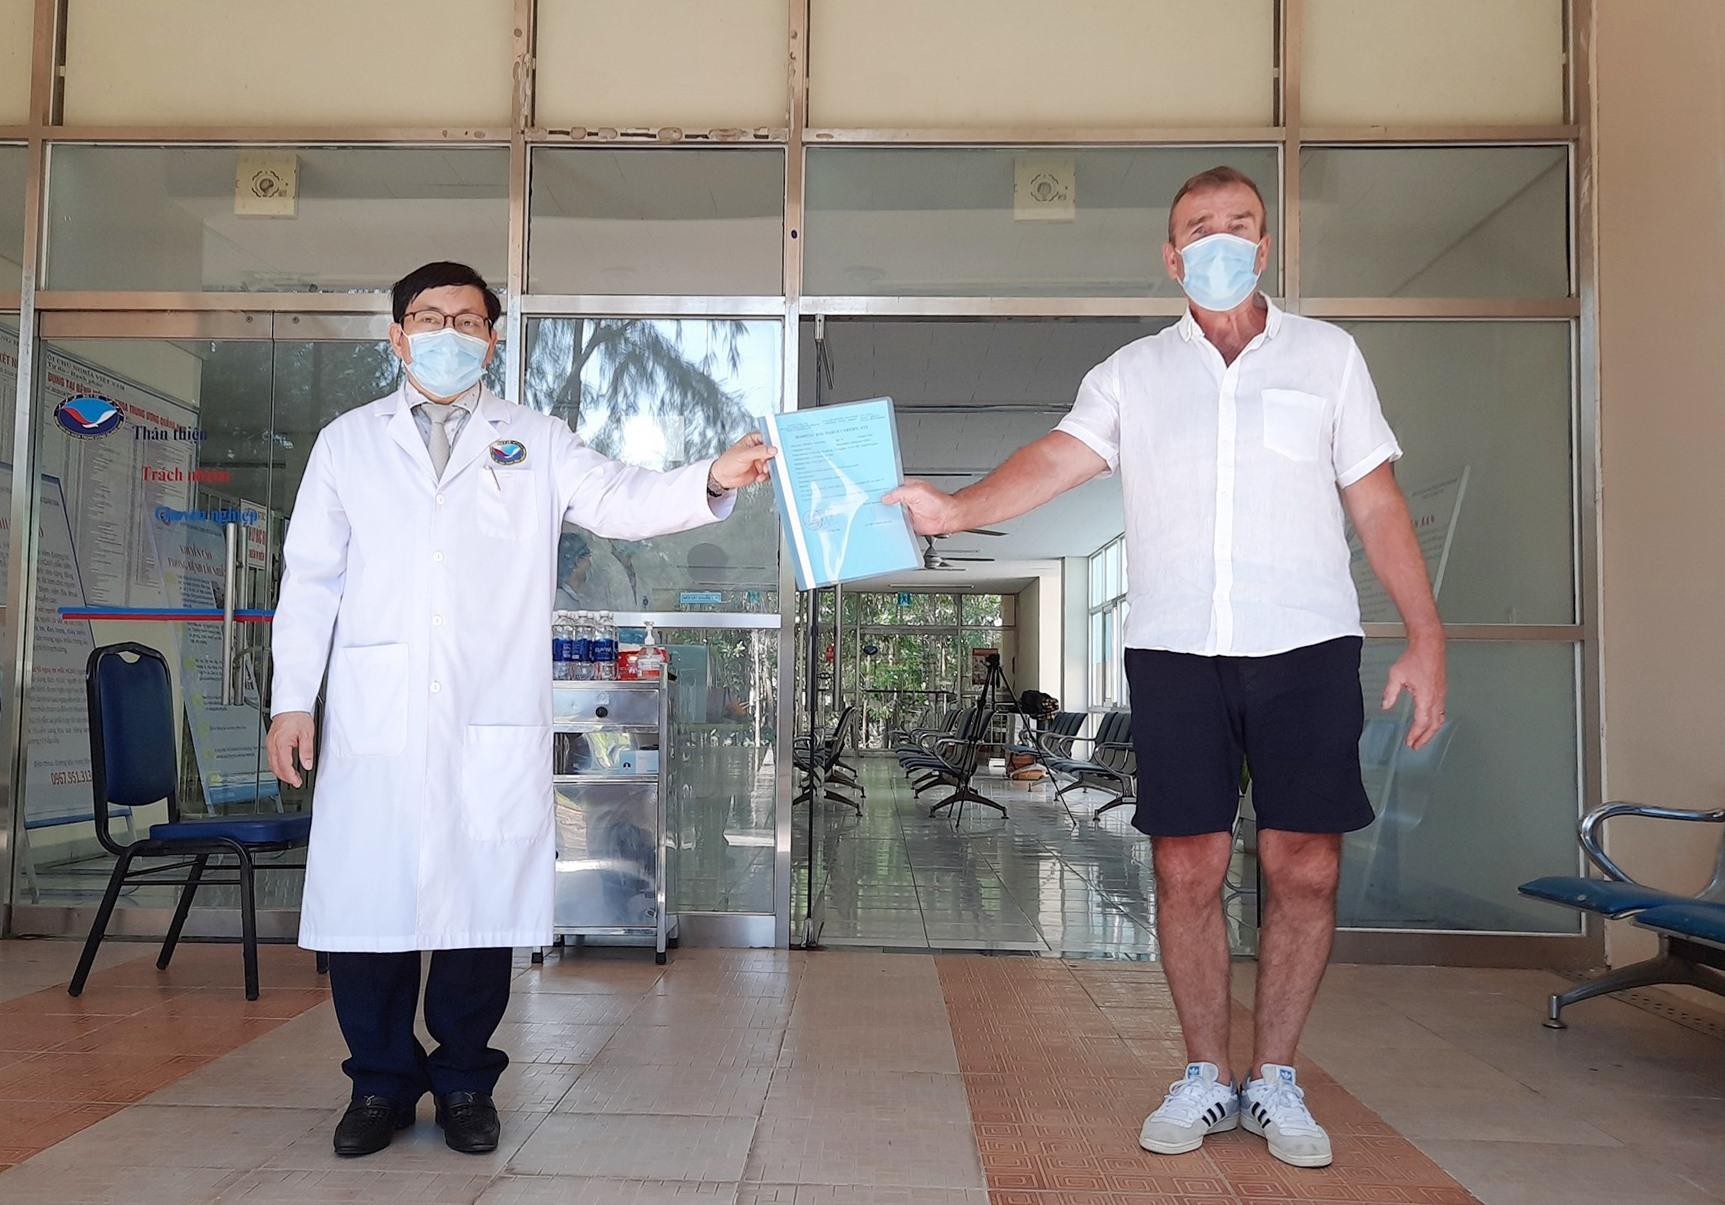 Trao giấy xuất viện cho bệnh nhân số 57. Ảnh: ĐẠO QUÂN